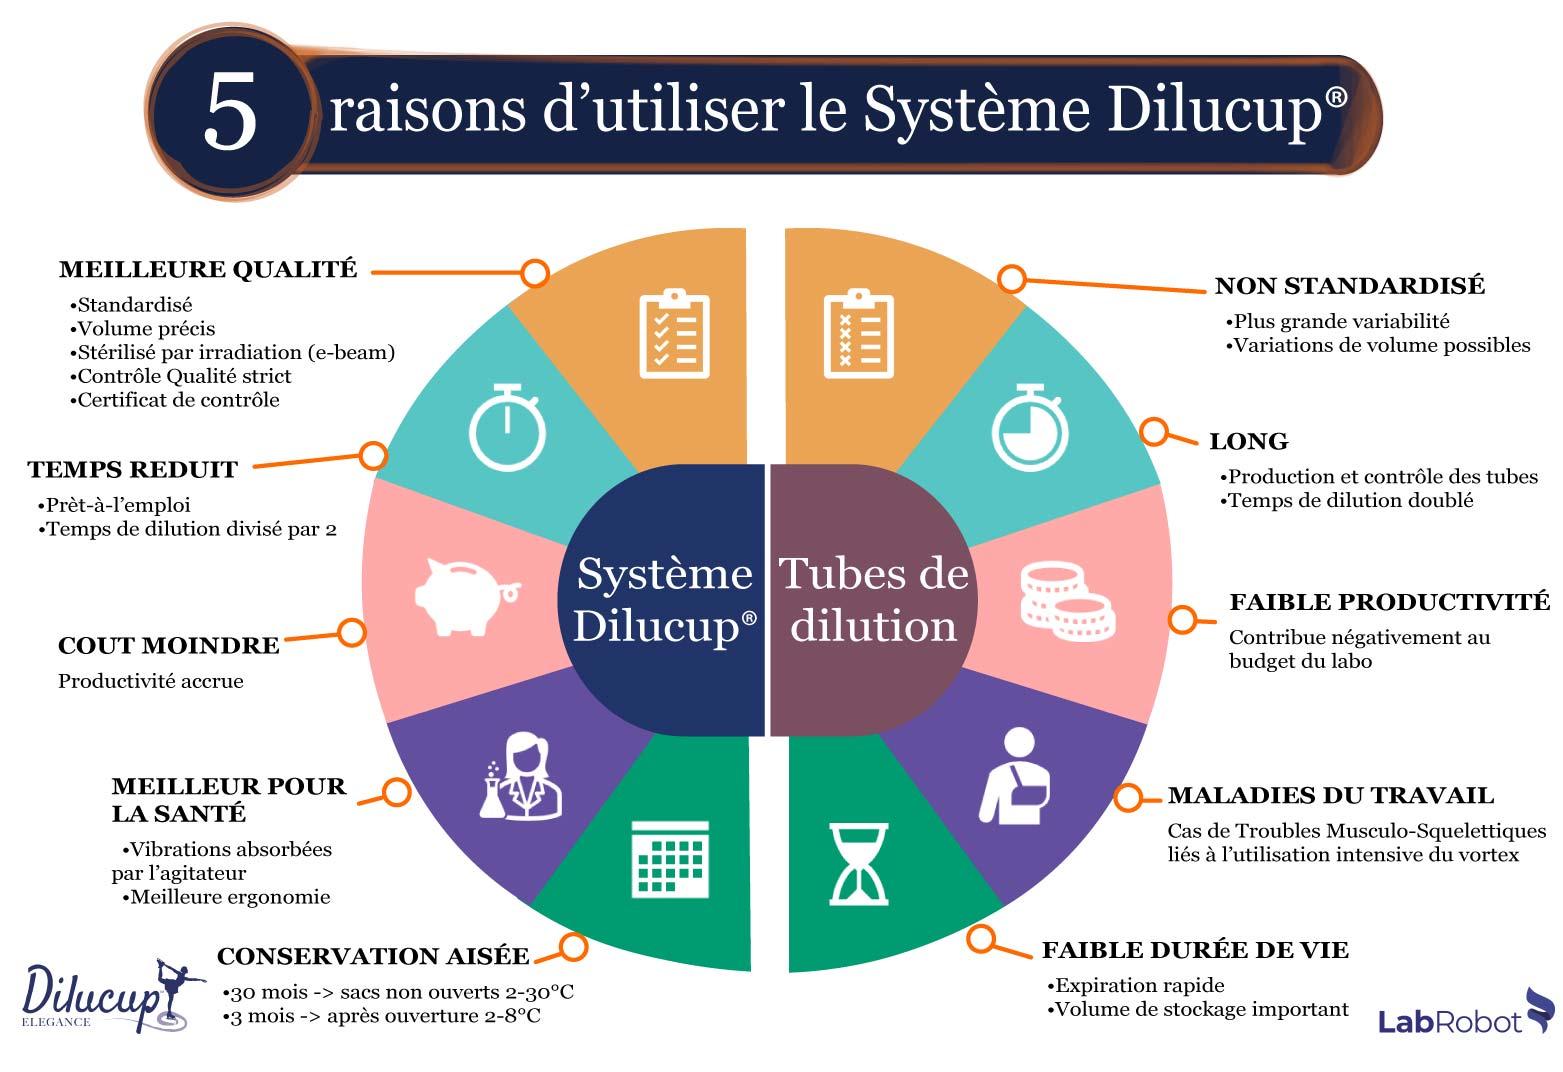 5 raisons d'utiliser le Système Dilucup